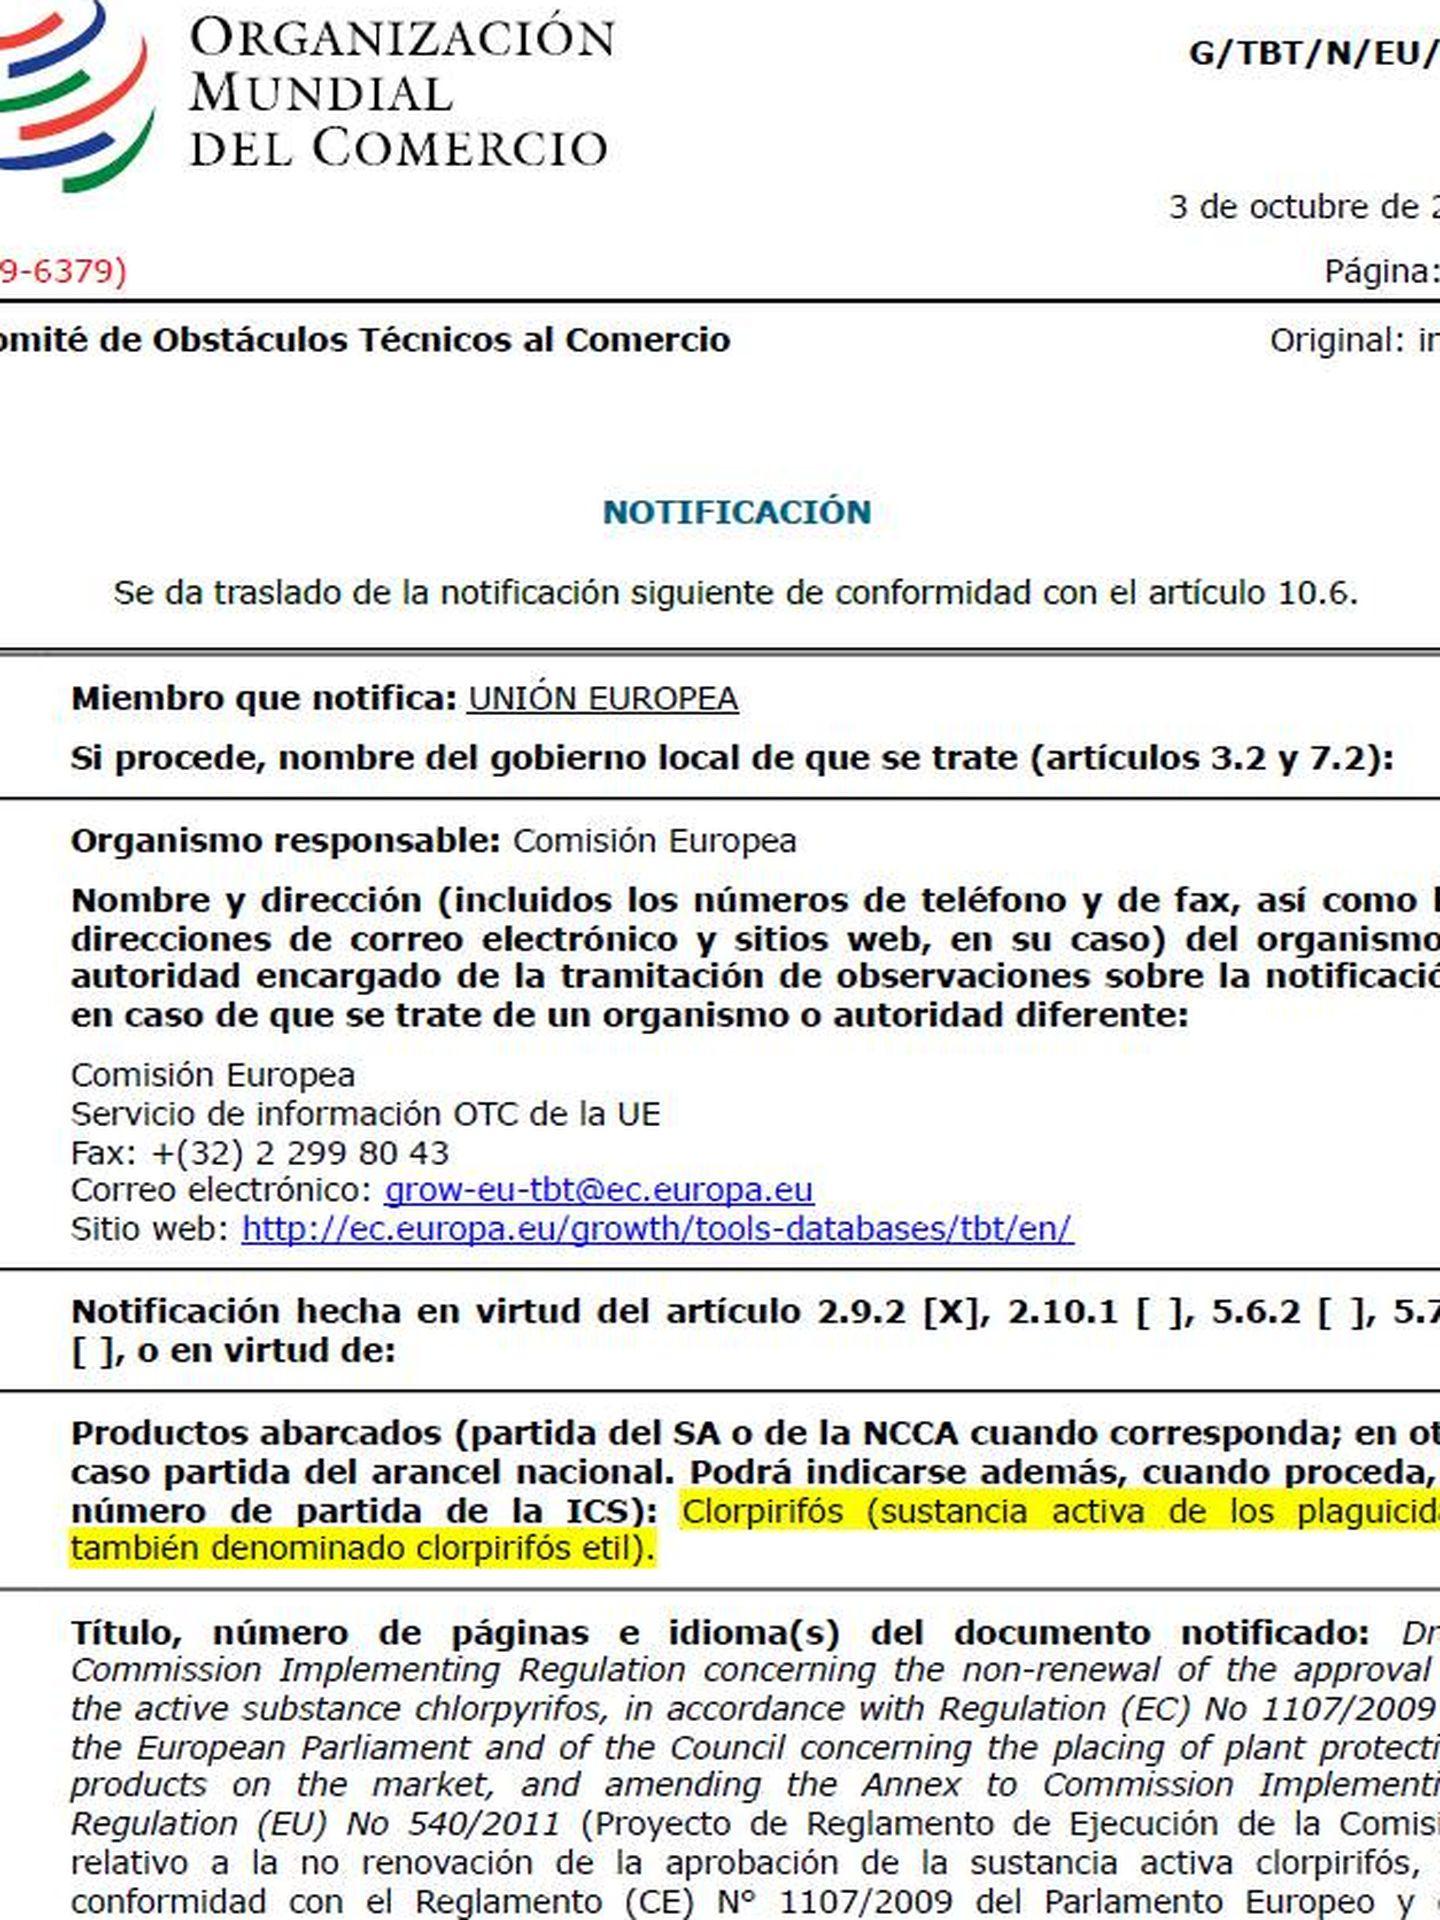 Notificación de la UE a la OMC sobre el clorpirifós.